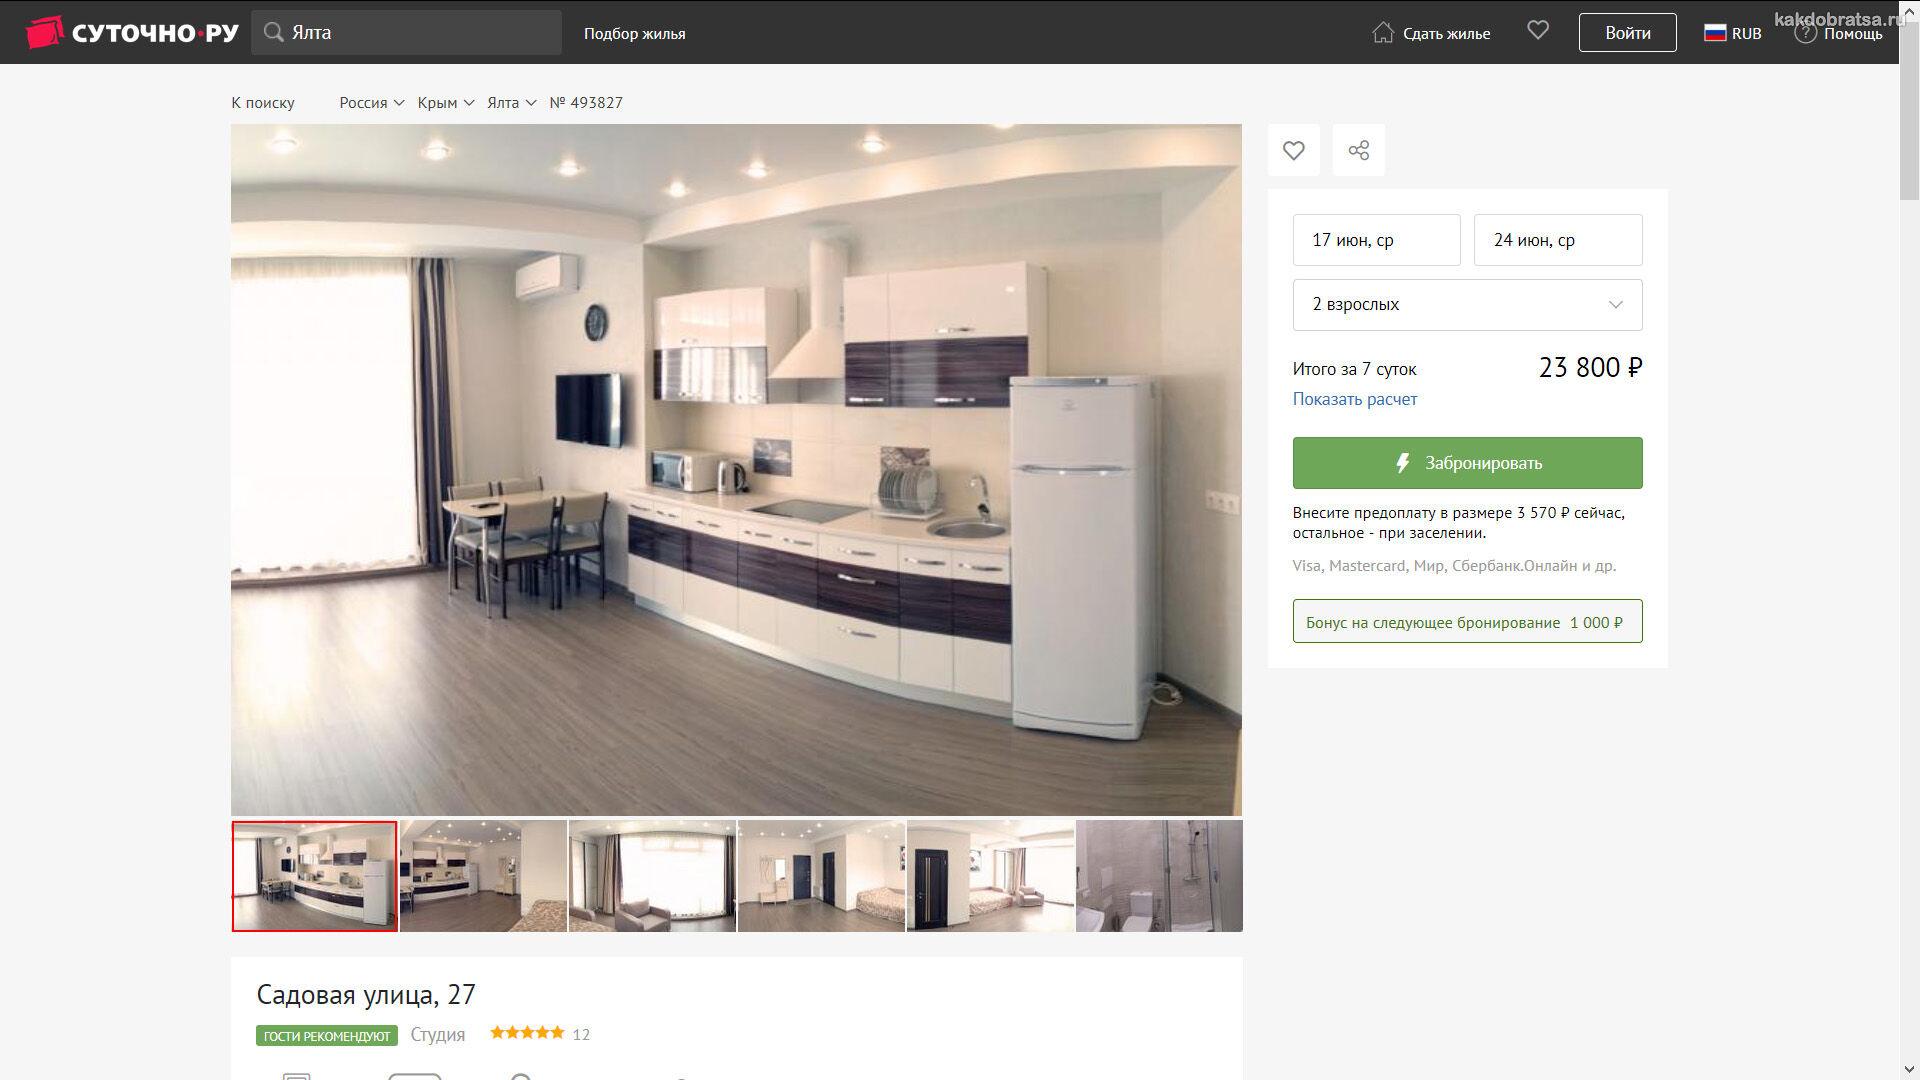 Как забронировать номер в отеле или квартире на веб-сайте Sutochno.ru в Крыму шаг 4